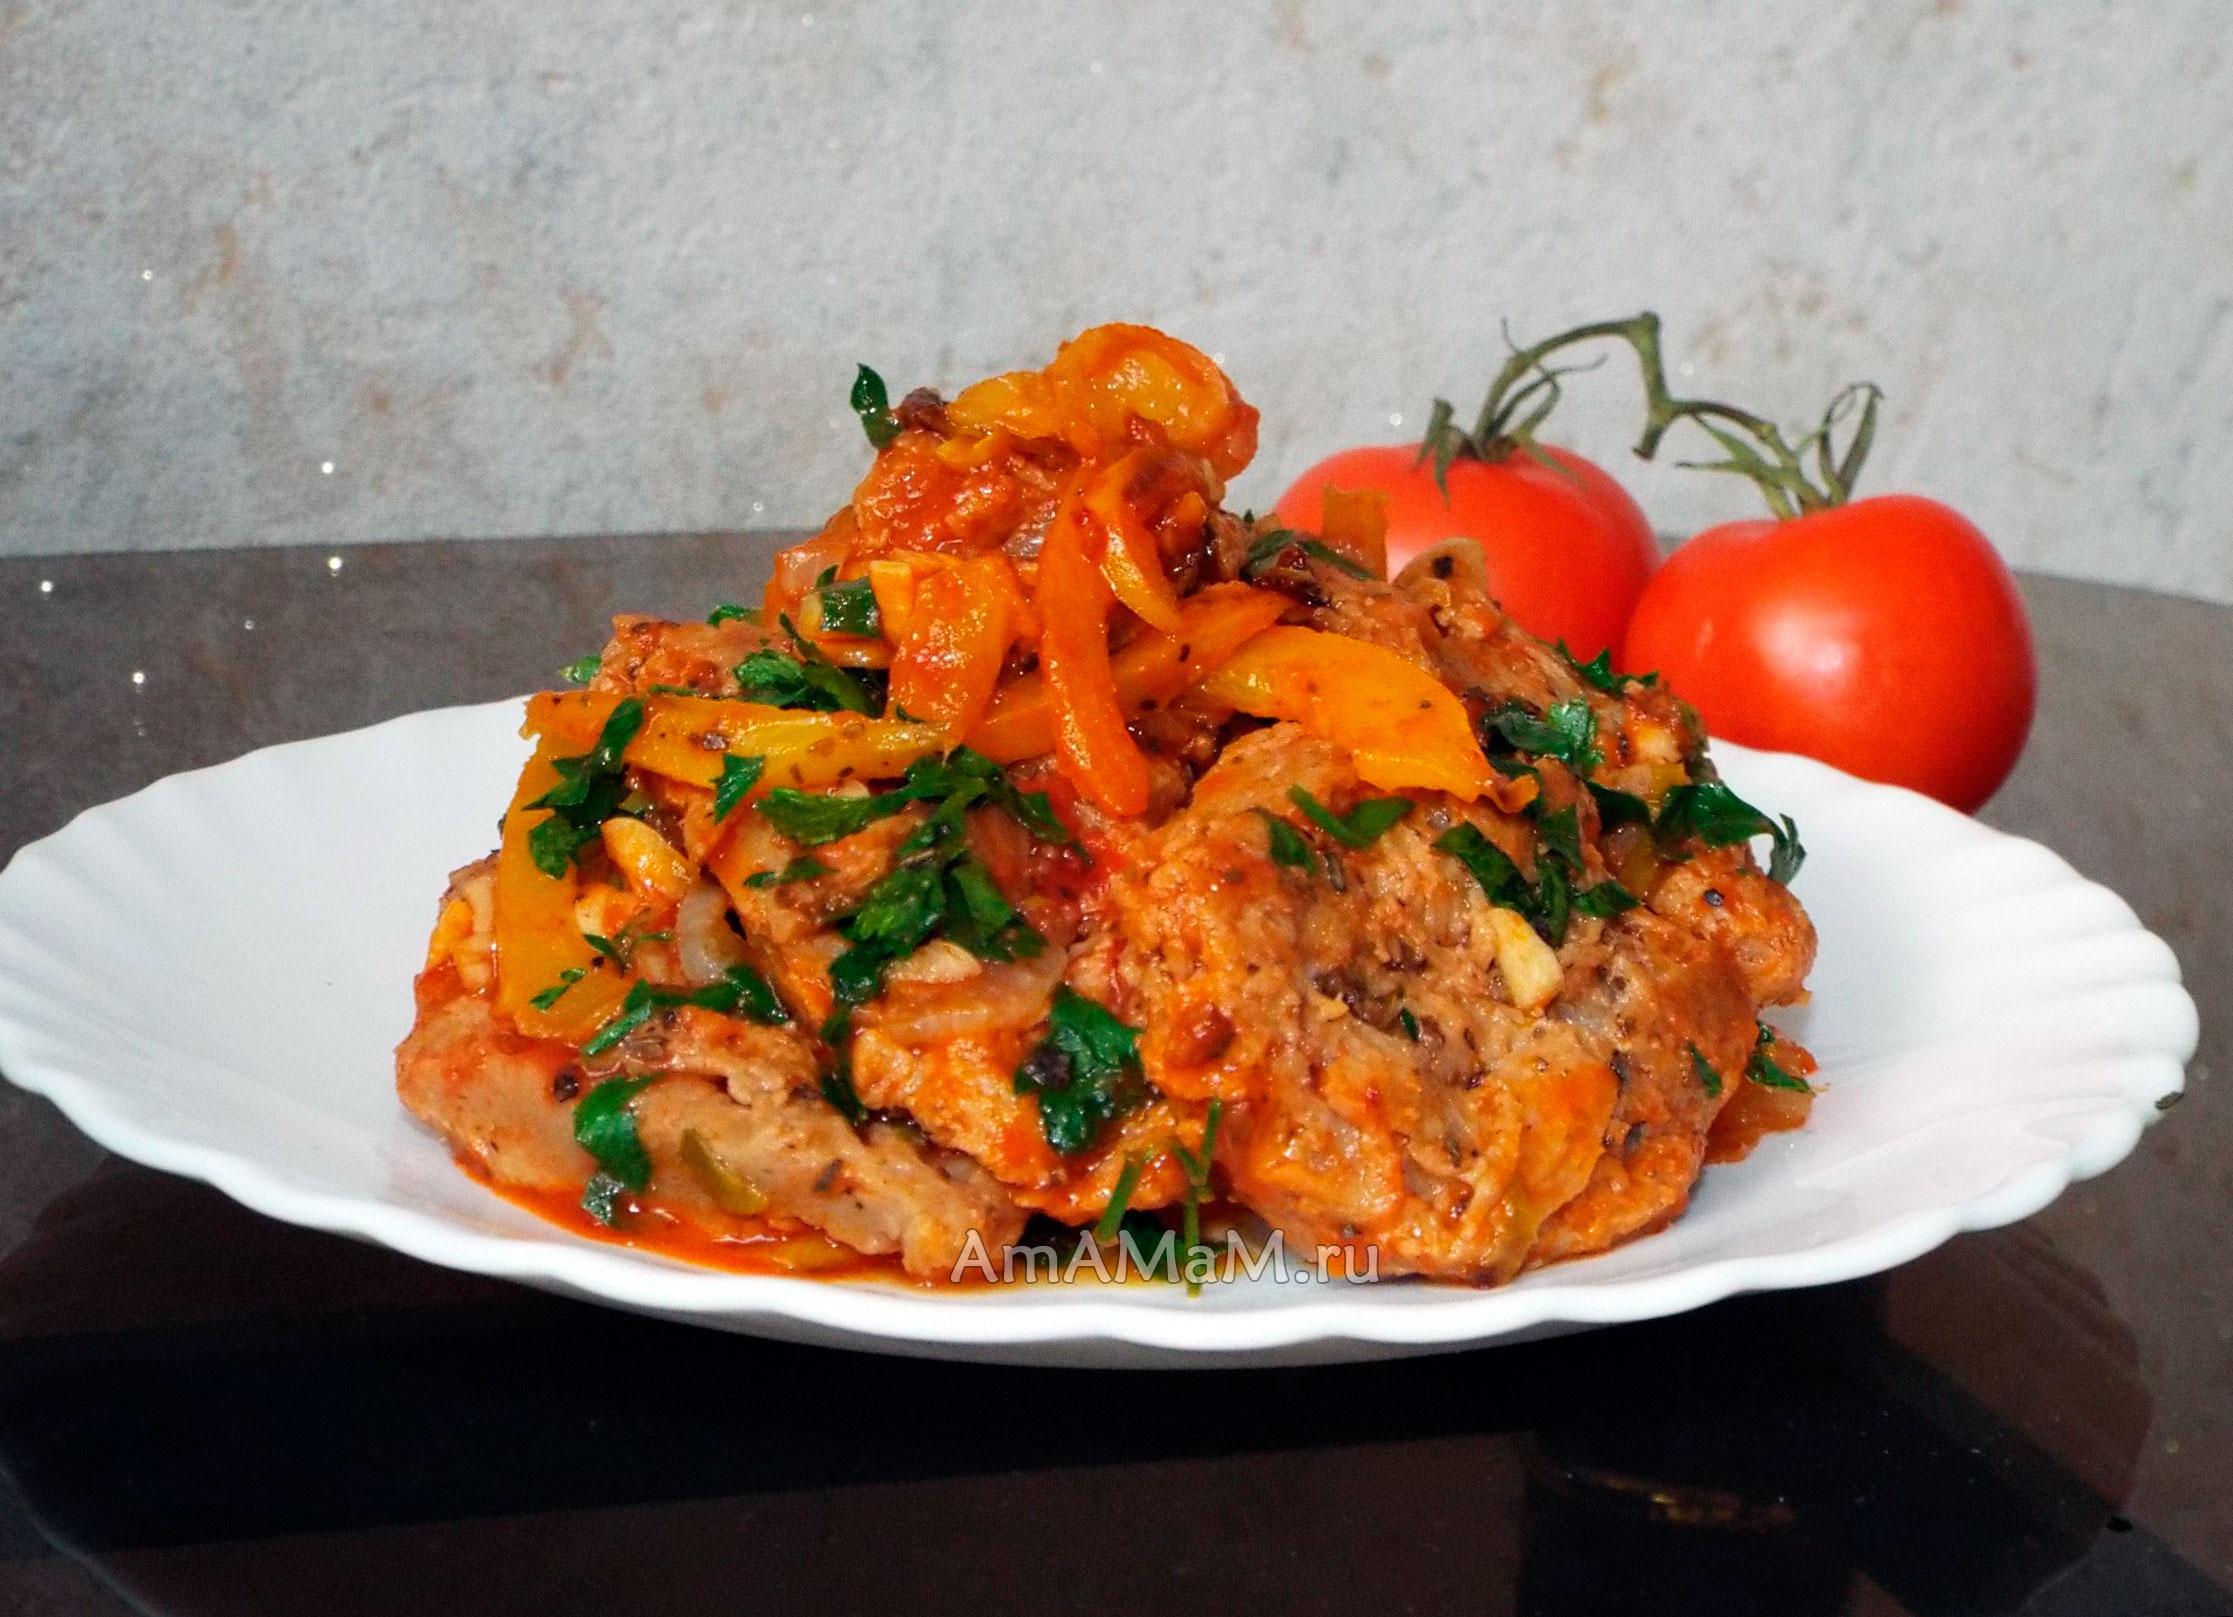 Вторые блюда с соевым мясом 12 рецептов  фото рецепты